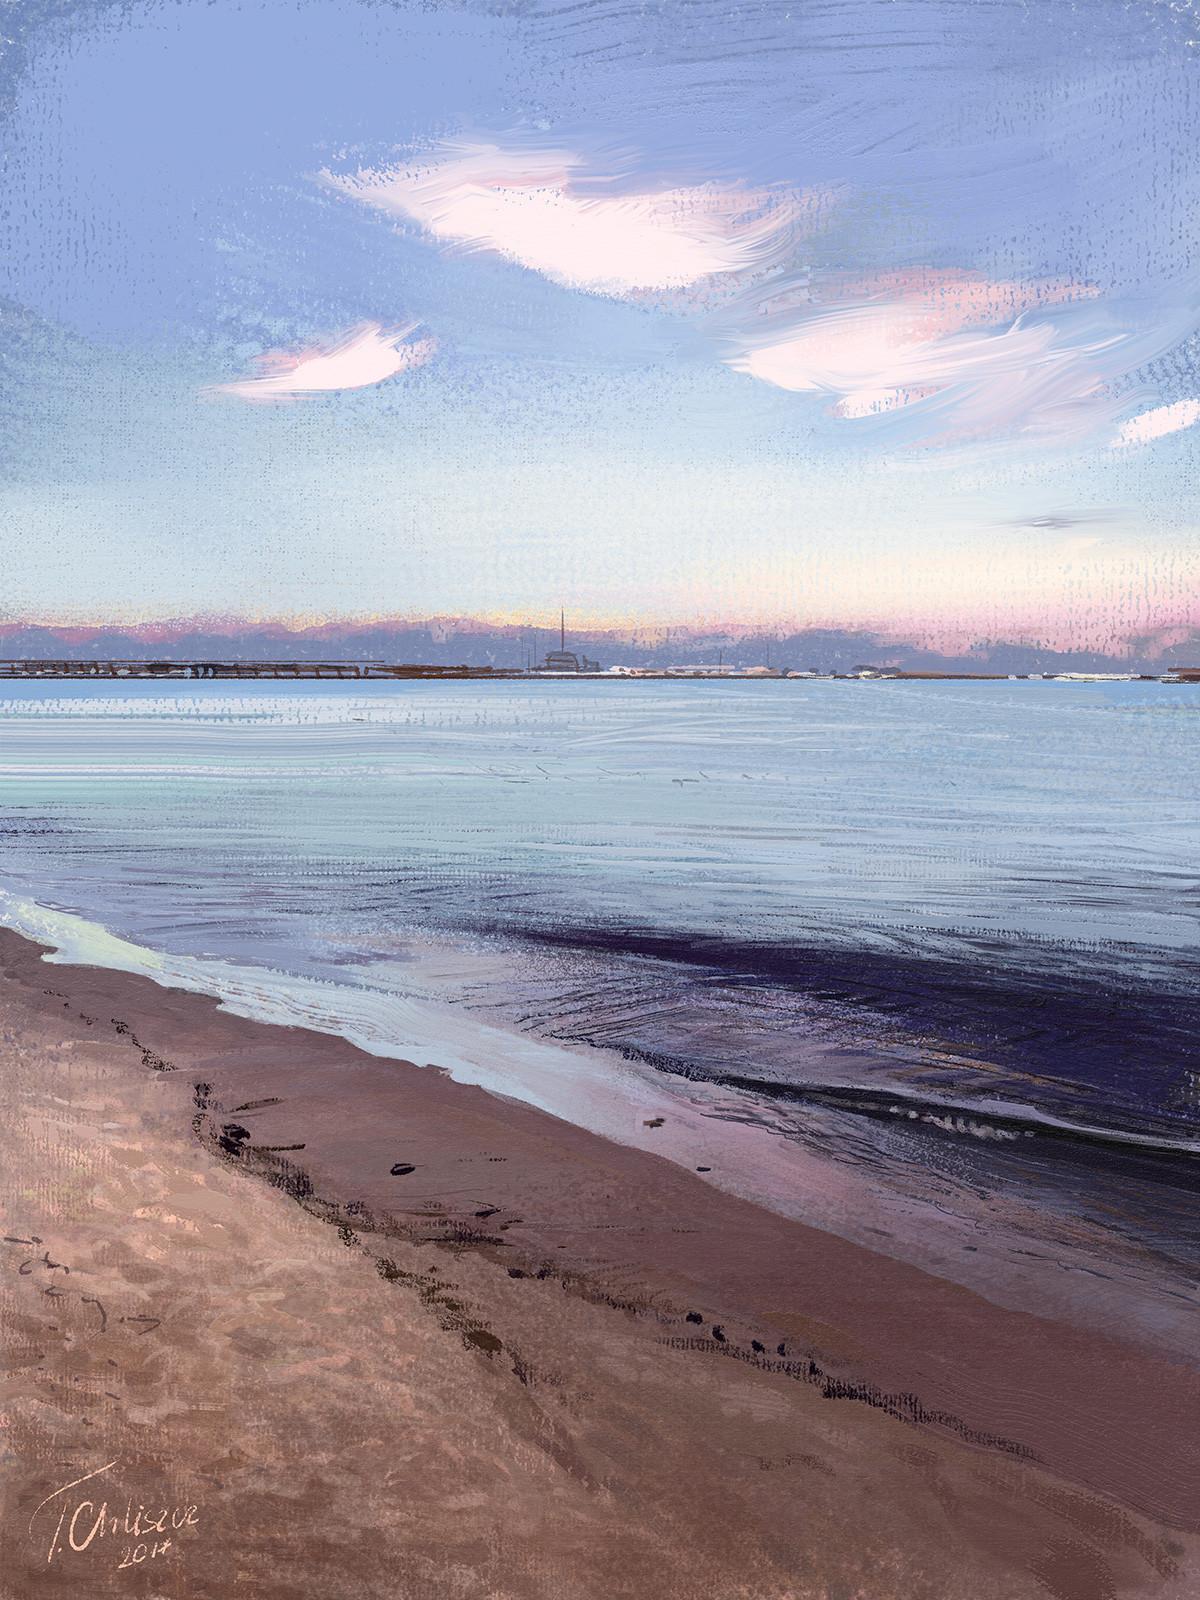 Tymoteusz chliszcz landscape40 by chliszcz